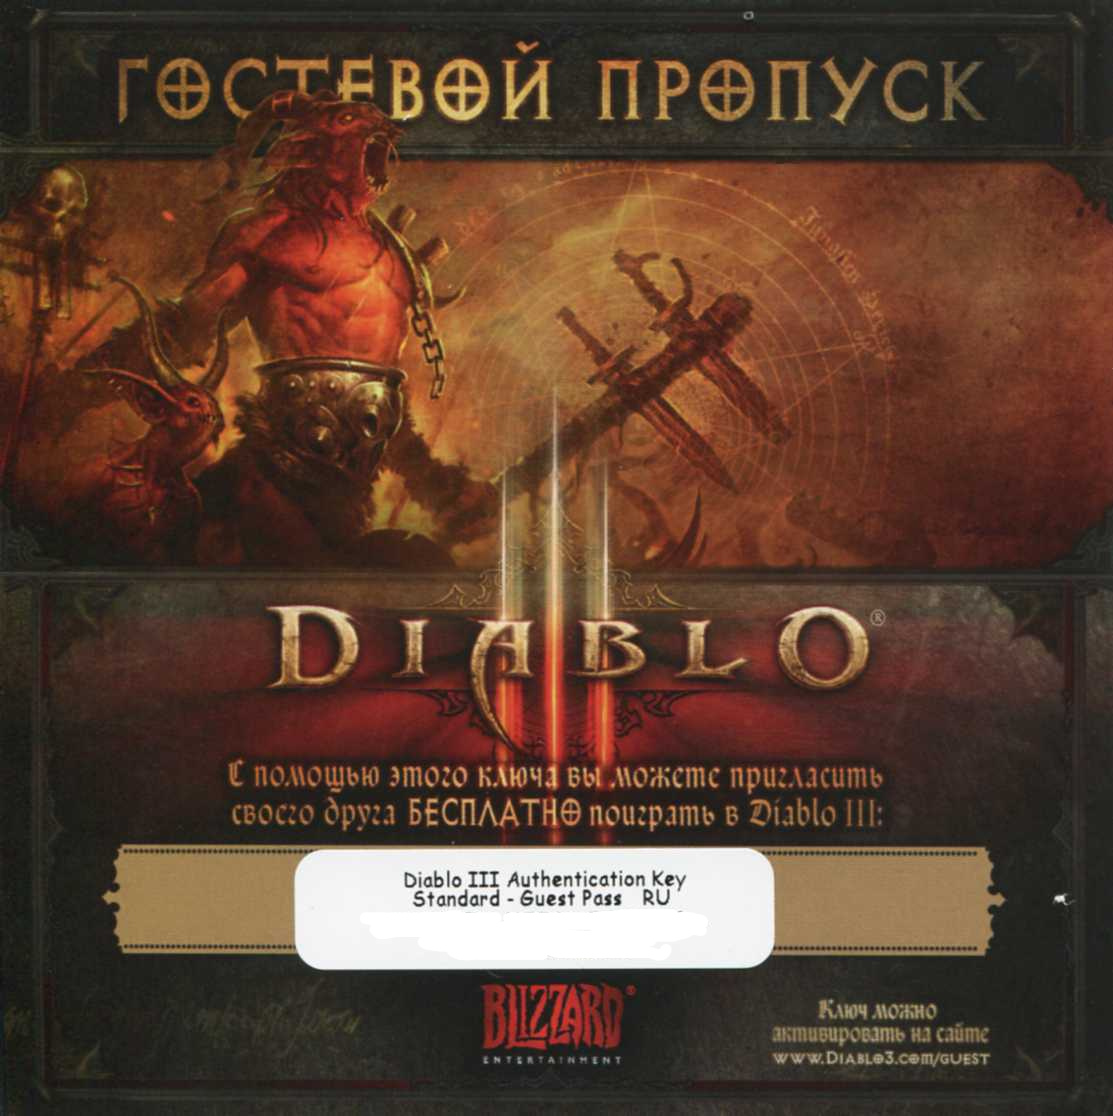 Buy Diablo III 3 (RU) (Activation Key to Battle.net) and download